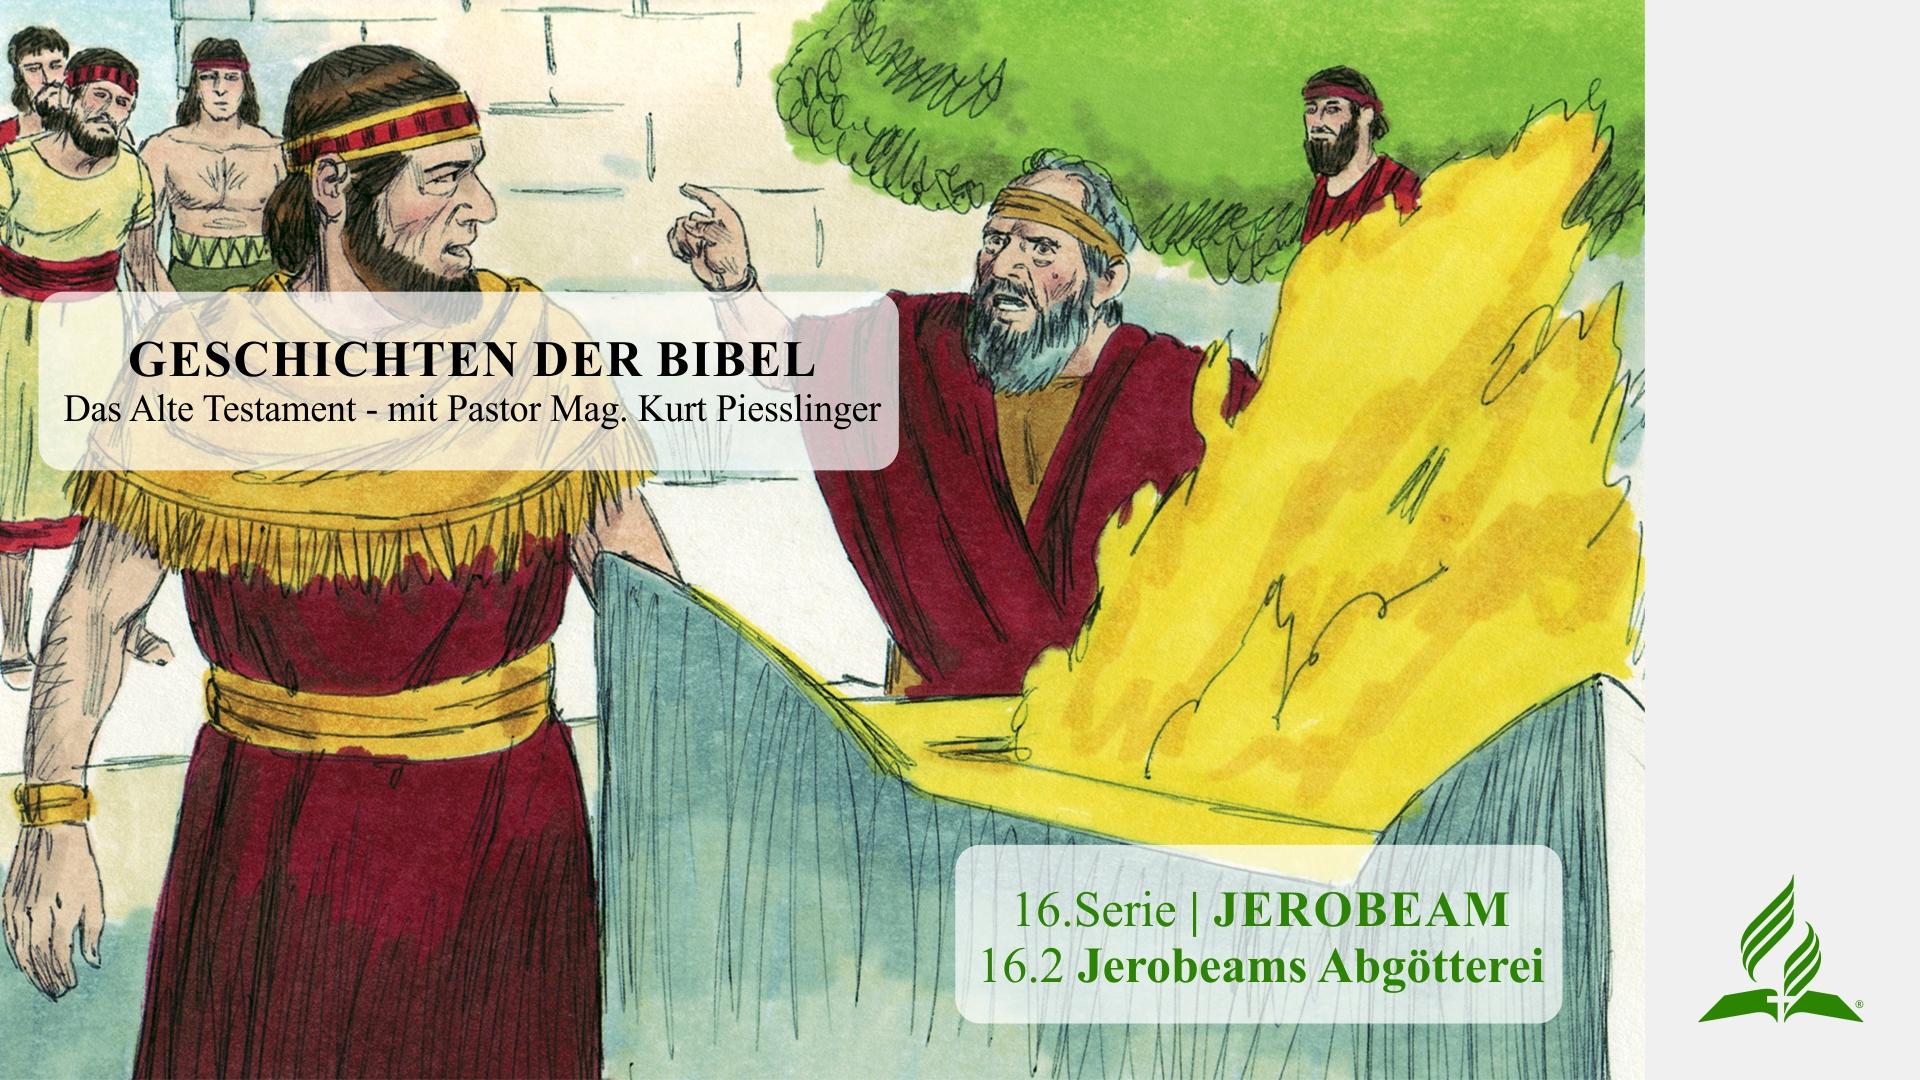 16.2 Jerobeams Abgötterei x